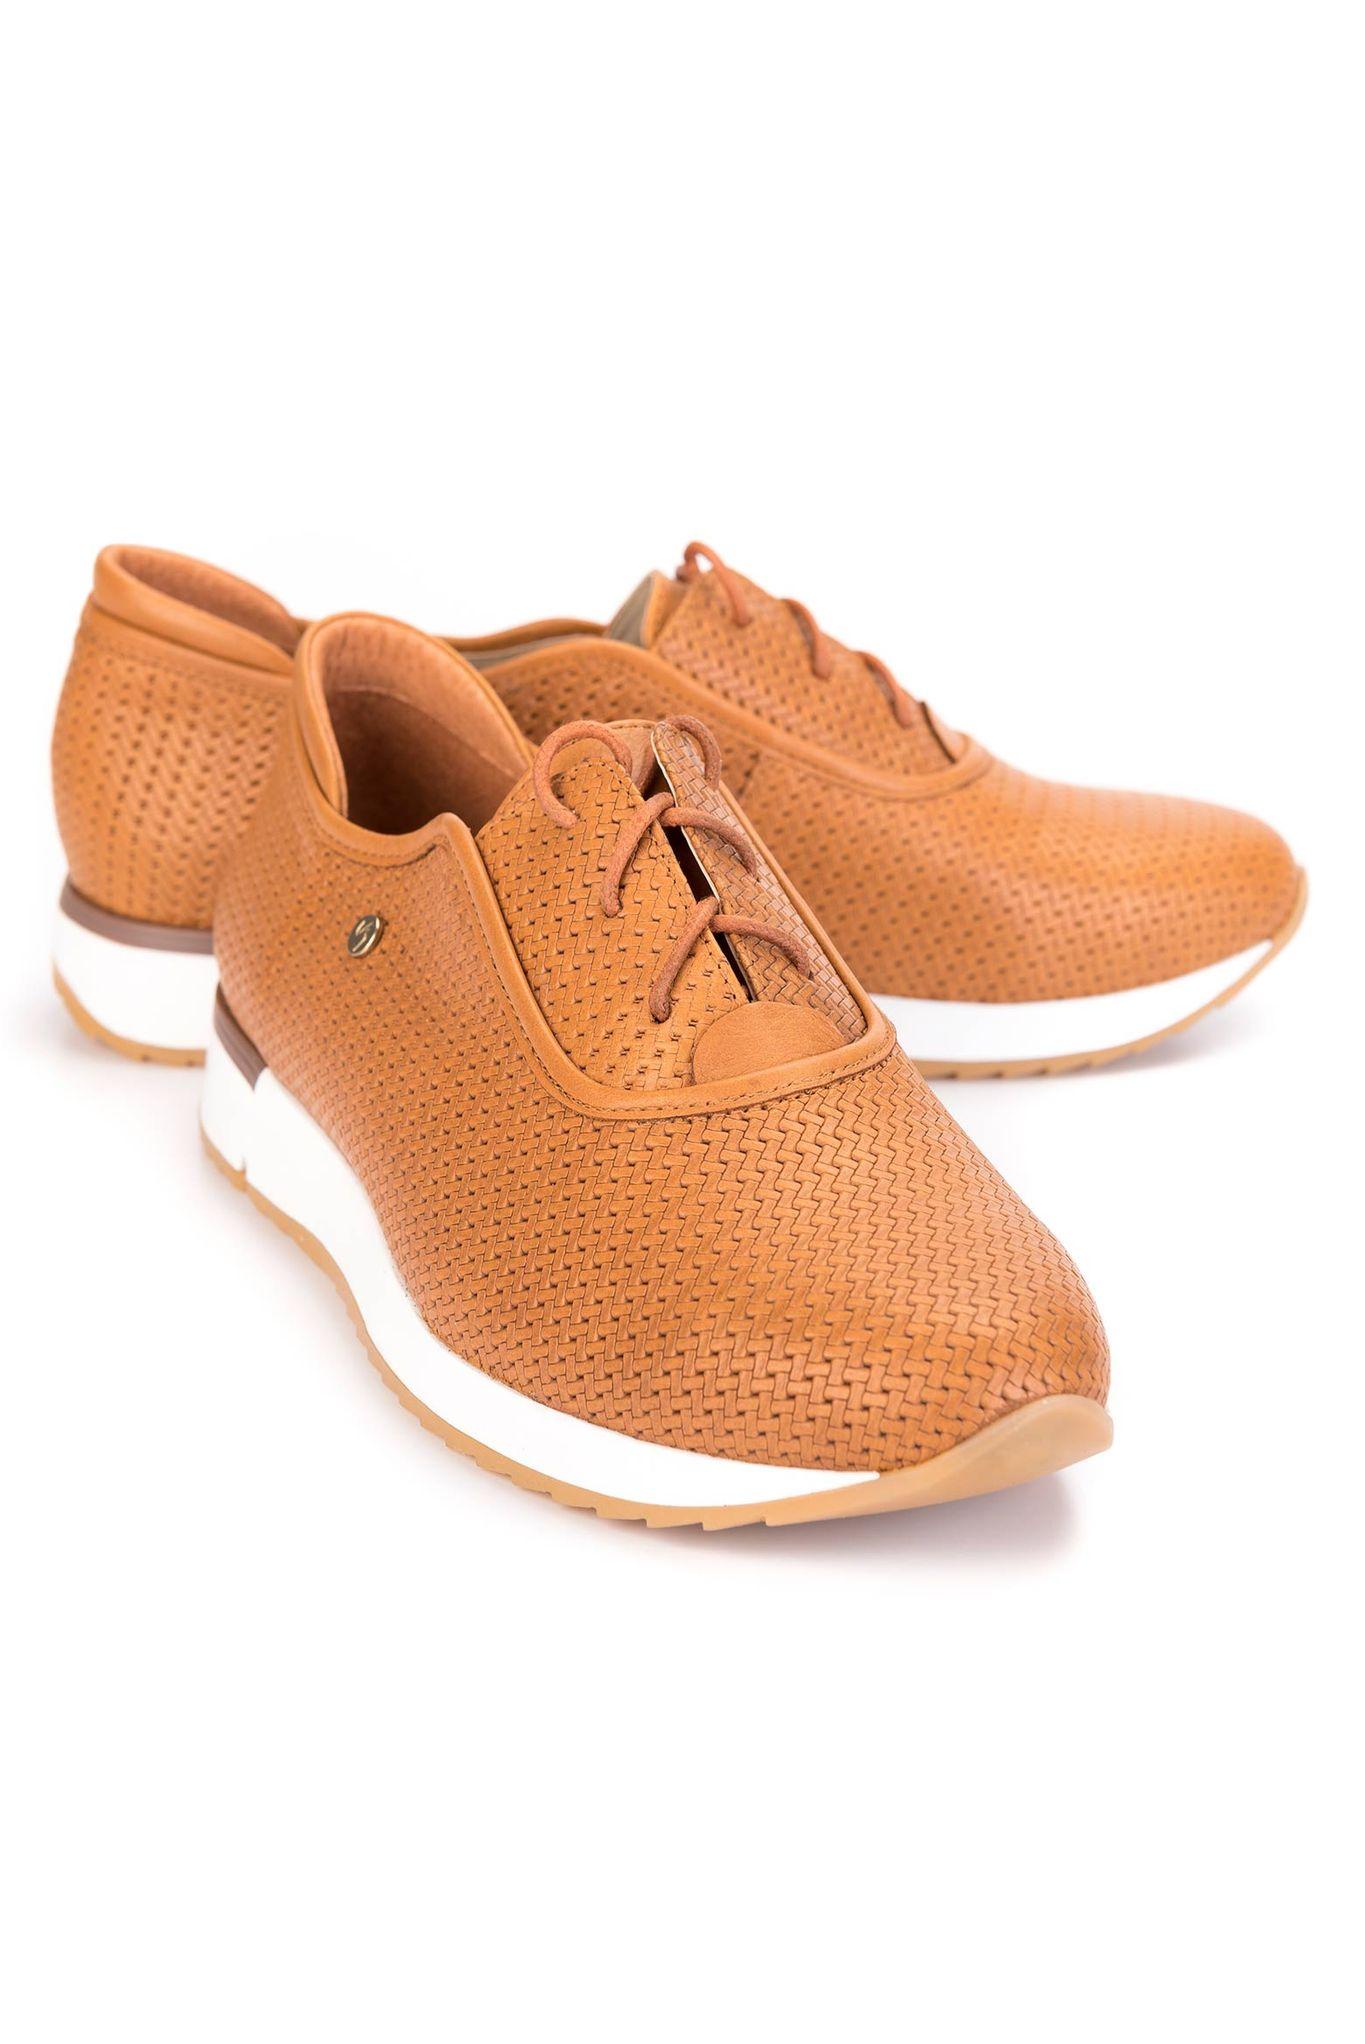 c4130be4 Zapatos Adonis de cuero con cordón para mujer 21166   Con cordones ...